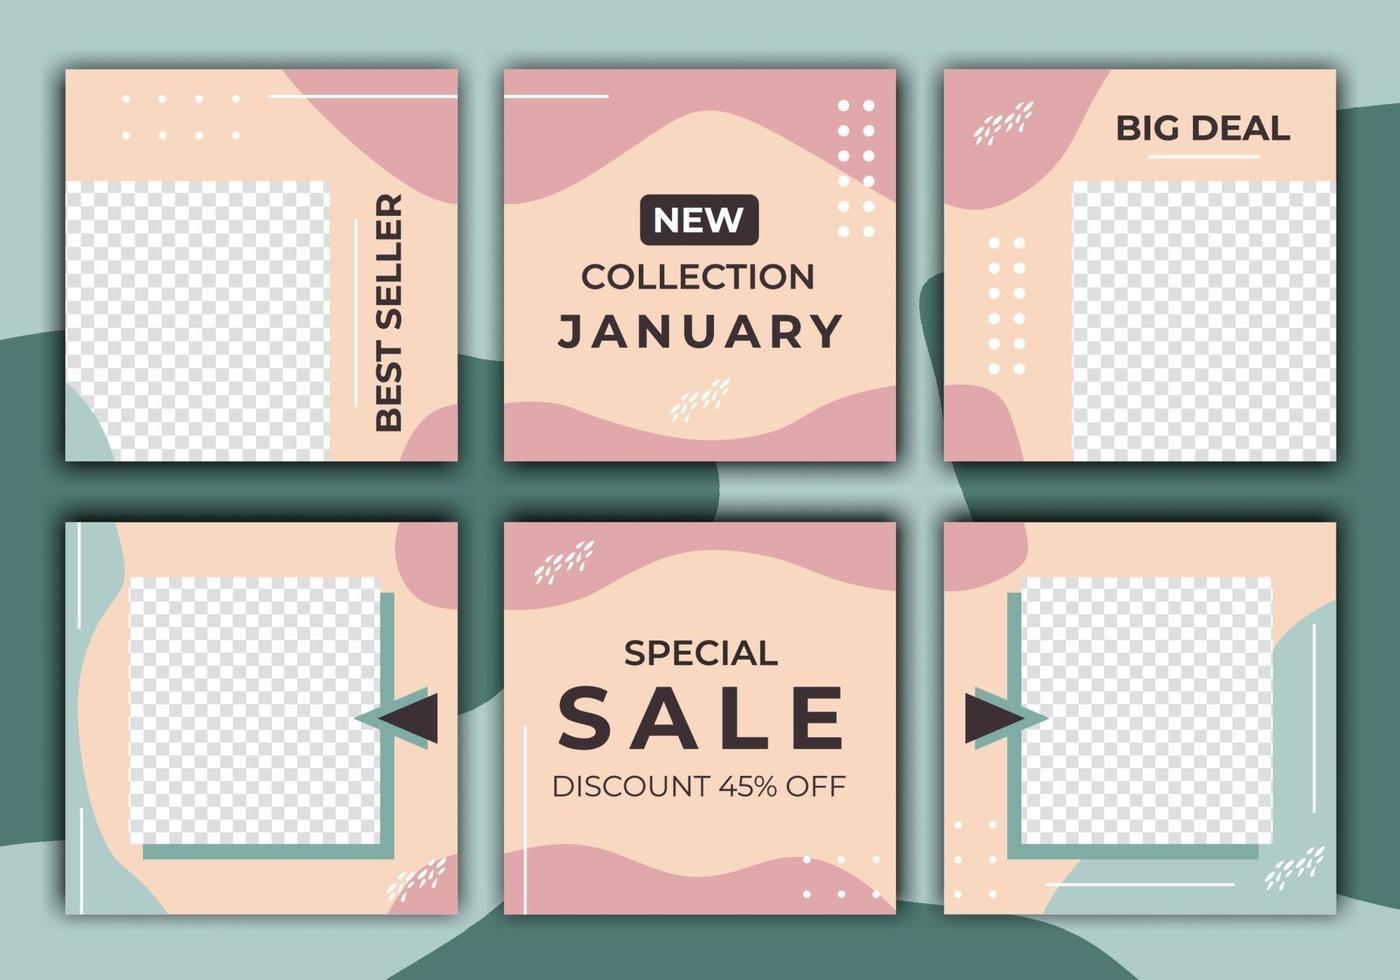 uppsättning försäljning banner mall design för sociala medier post. minimalistisk redigerbar vektorillustration på transparent bakgrund. sommarförsäljning. webbbannerannonser för marknadsföring av varumärkesmode vektor